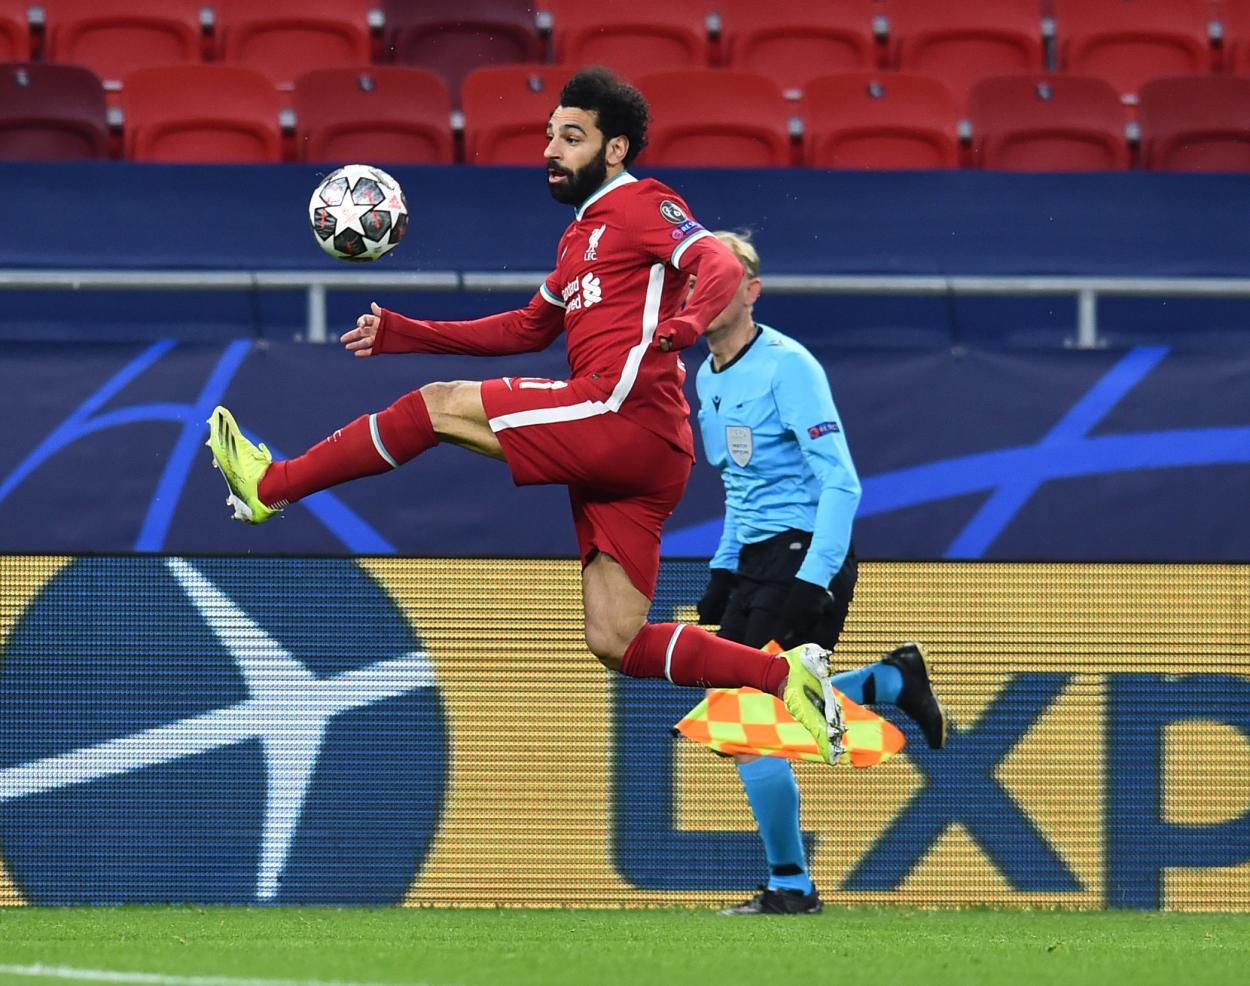 Mohamed Salah en acción. Fuente: @LFC